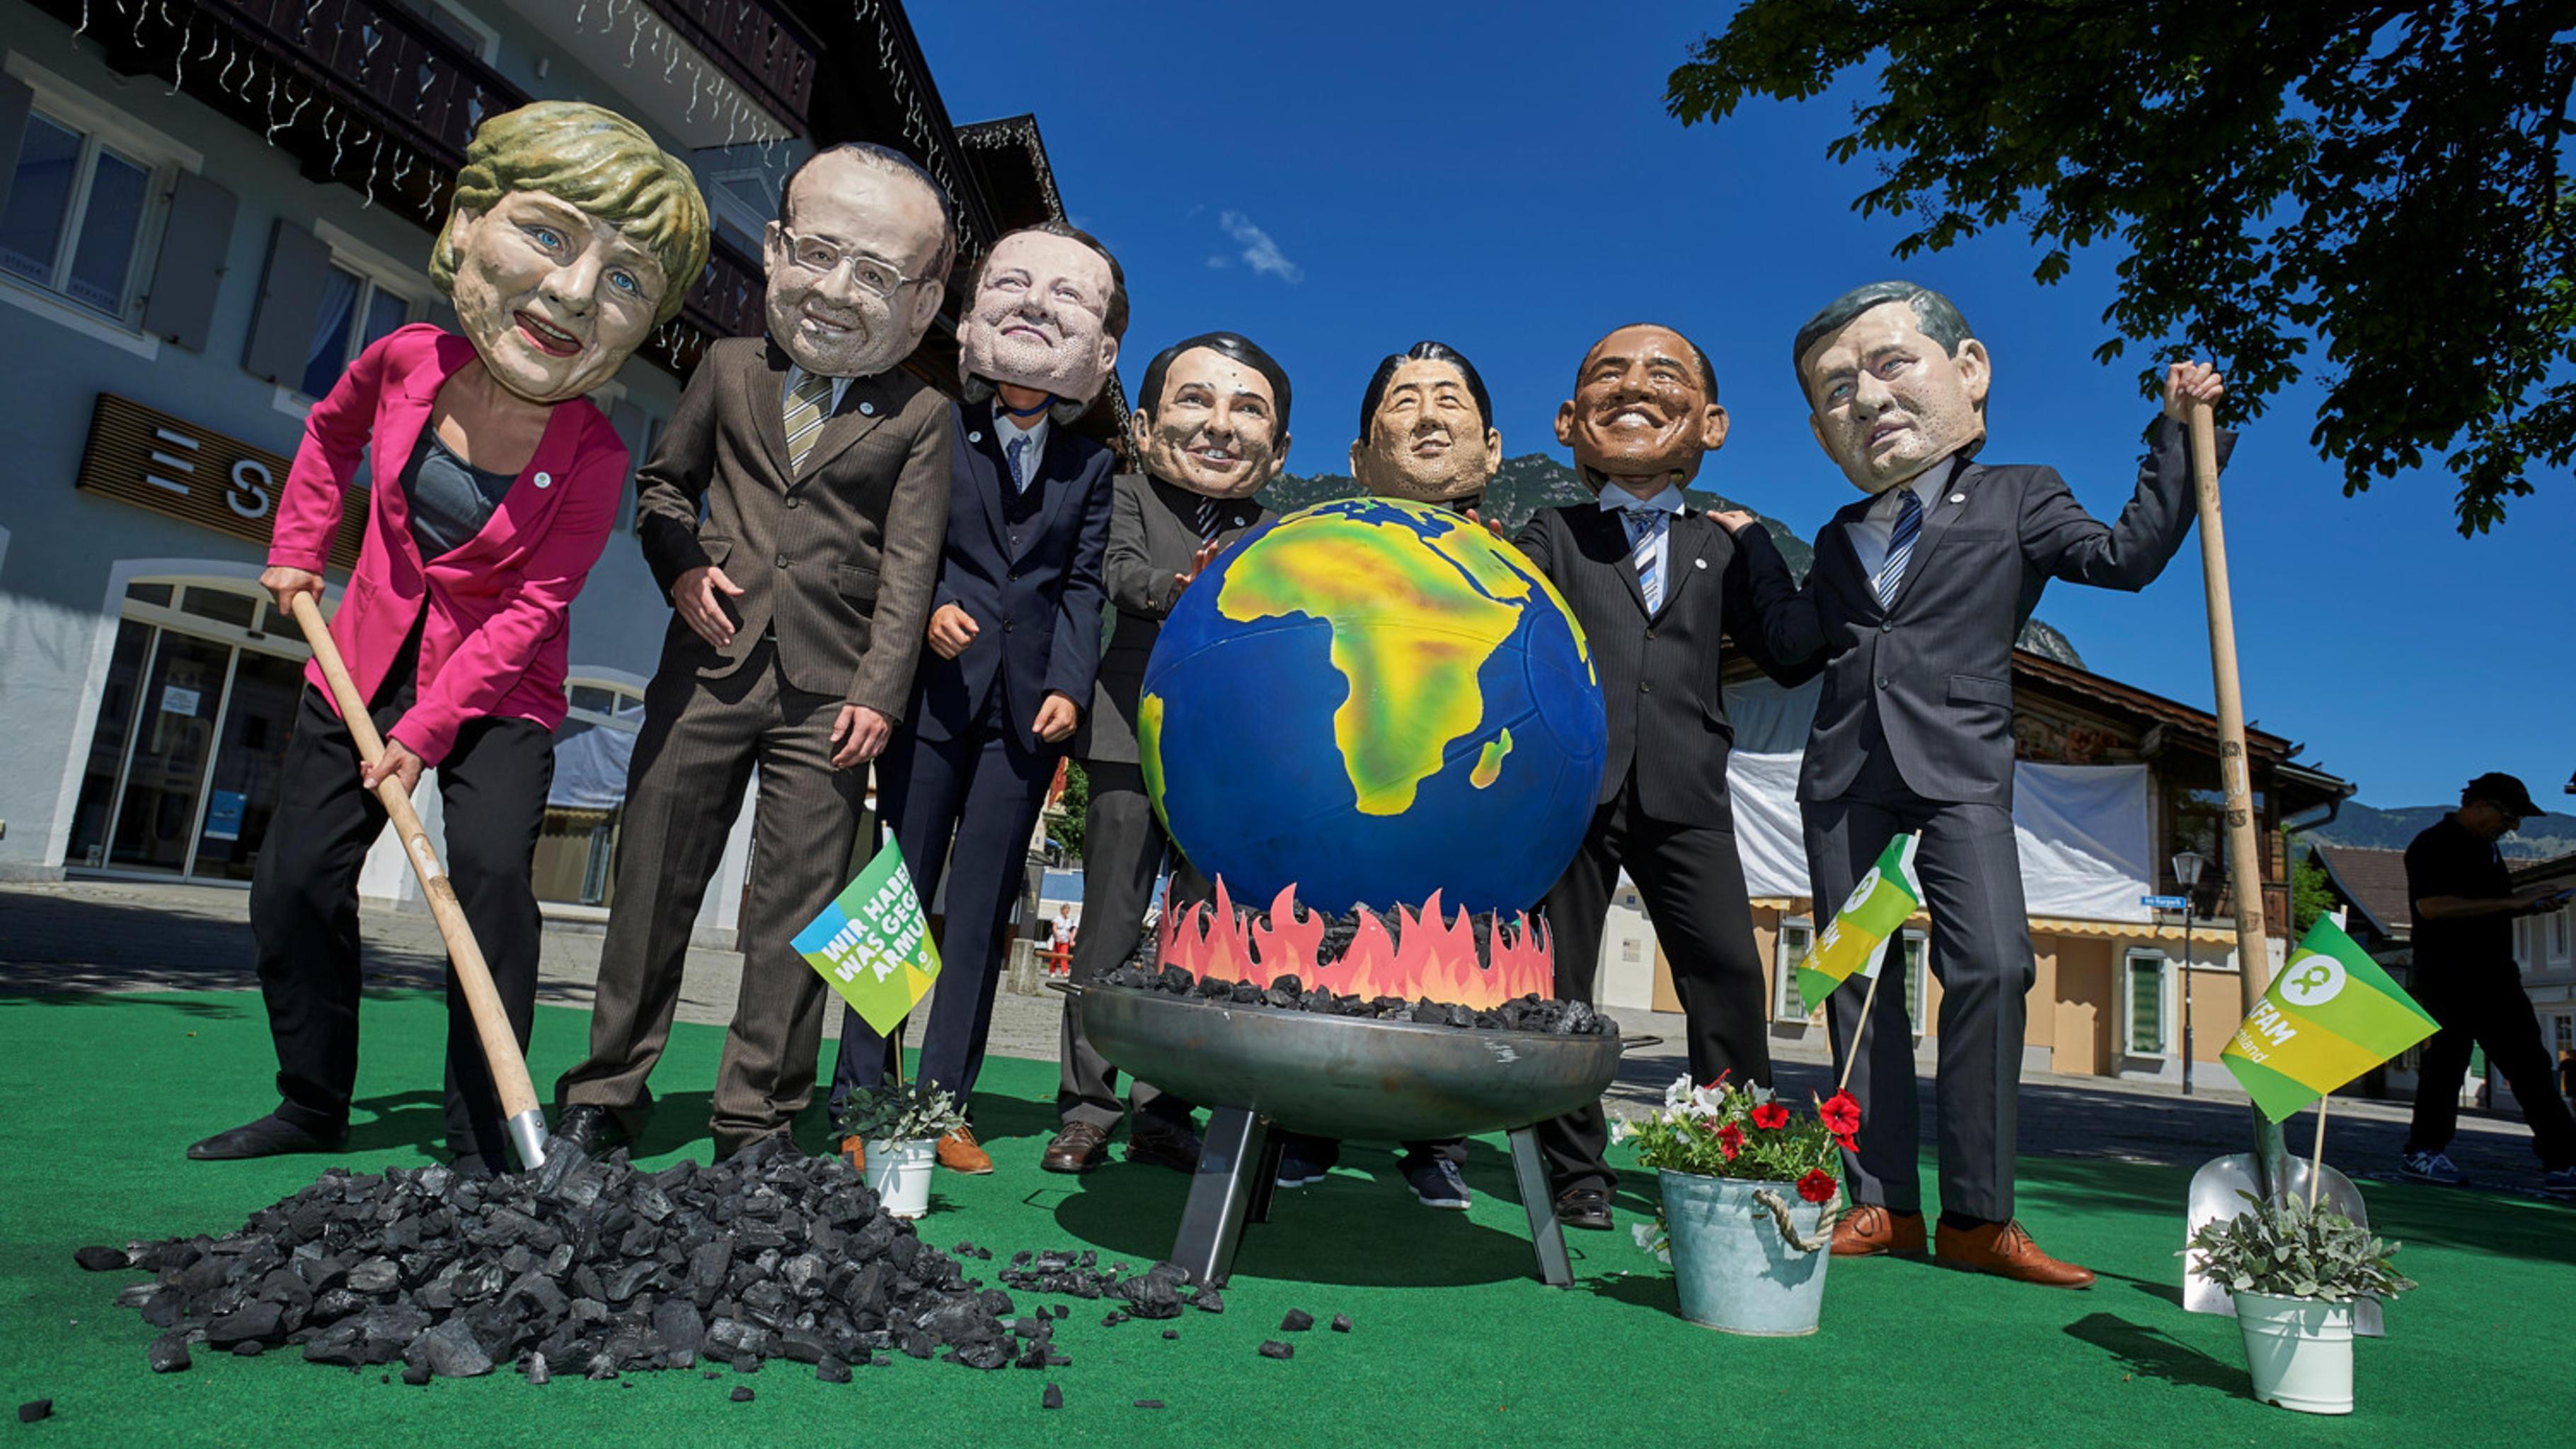 Als G7 verkleidete Aktivist/innen grillen eine Weltkugel mit Kohle